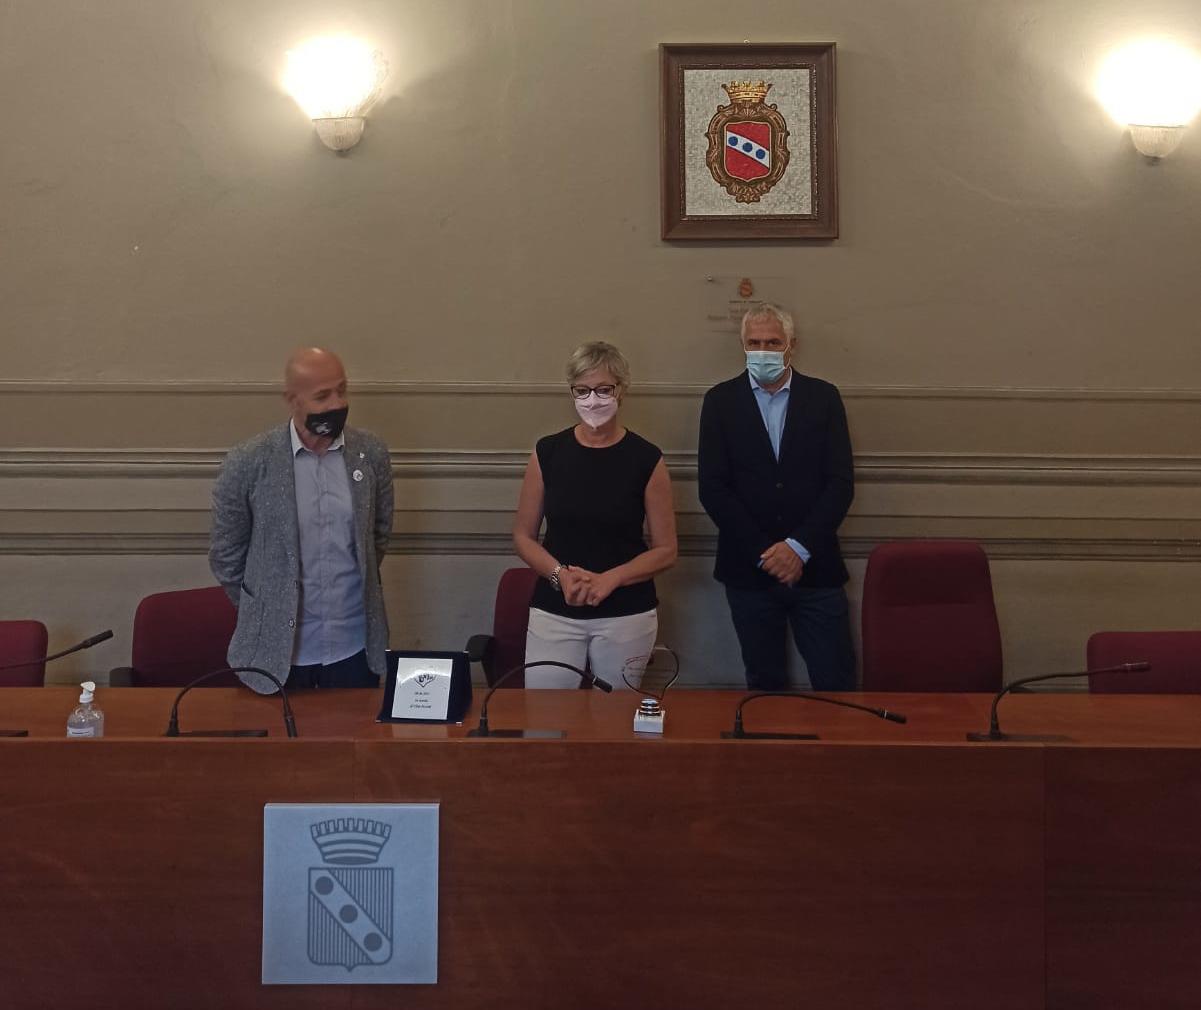 Consegna targa commemorativa Elisa Pezzini per nuovo semaforo in via Trieste